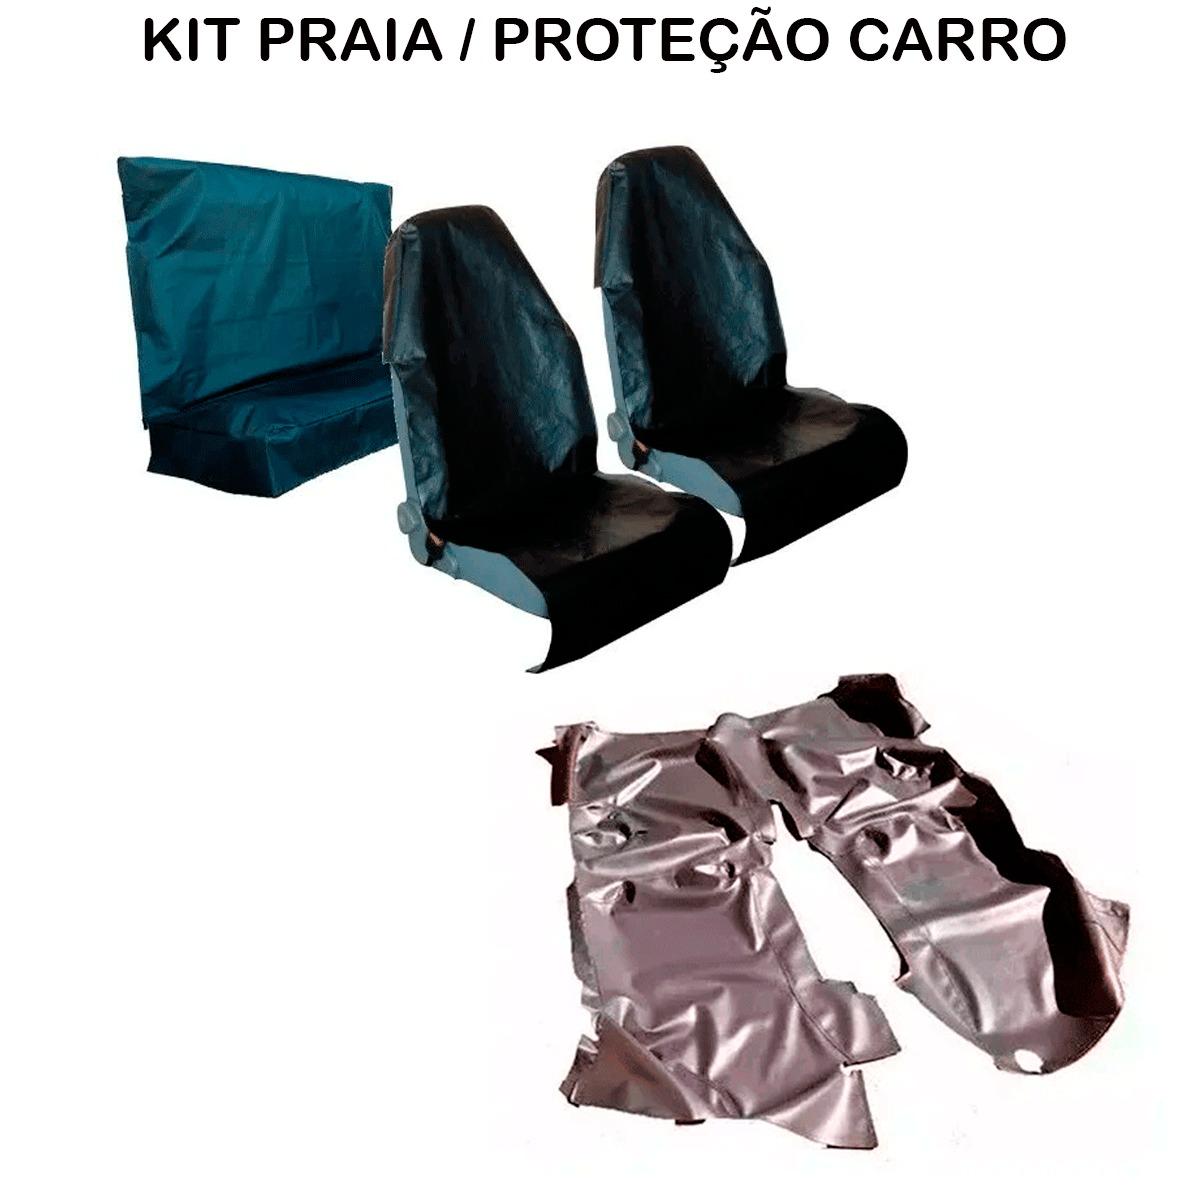 Tapete Em Vinil Ford Focus até 2008 + Capa Banco Protecao Banco Areia Suor Academia